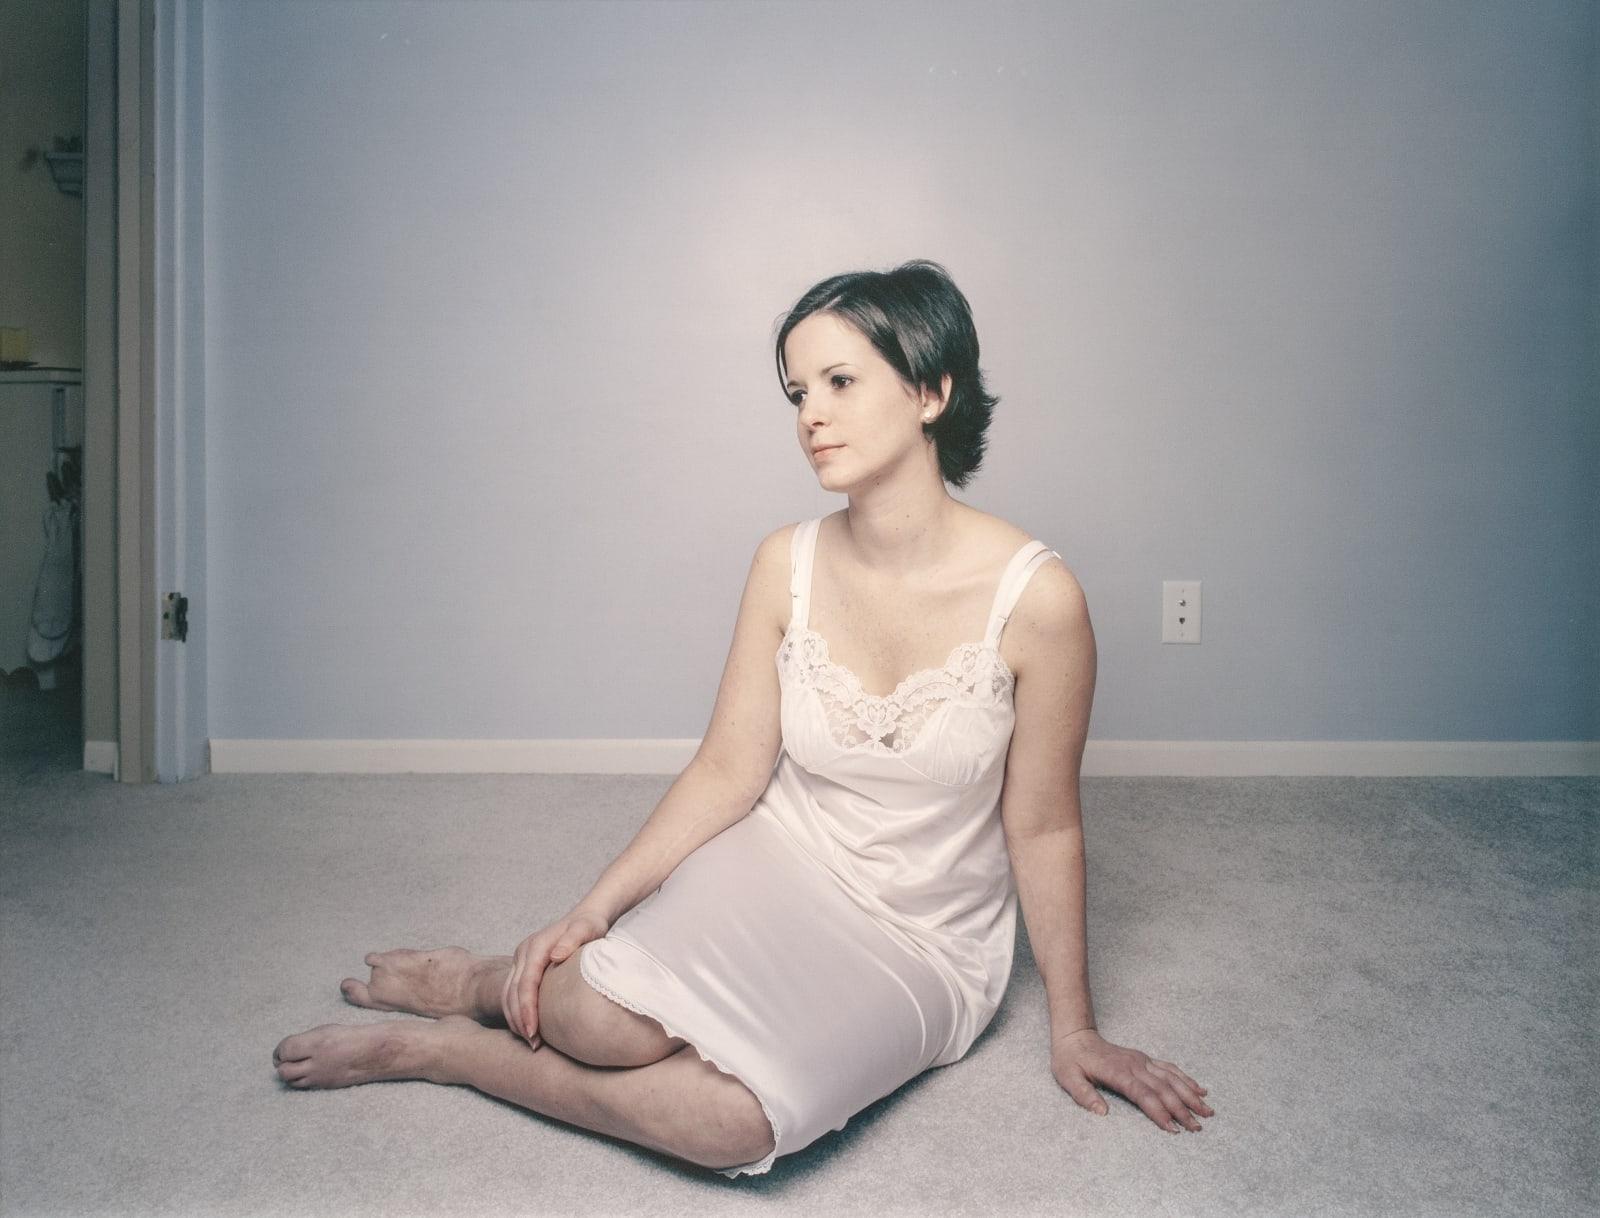 Angela Strassheim Untitled (Lisa), 2003